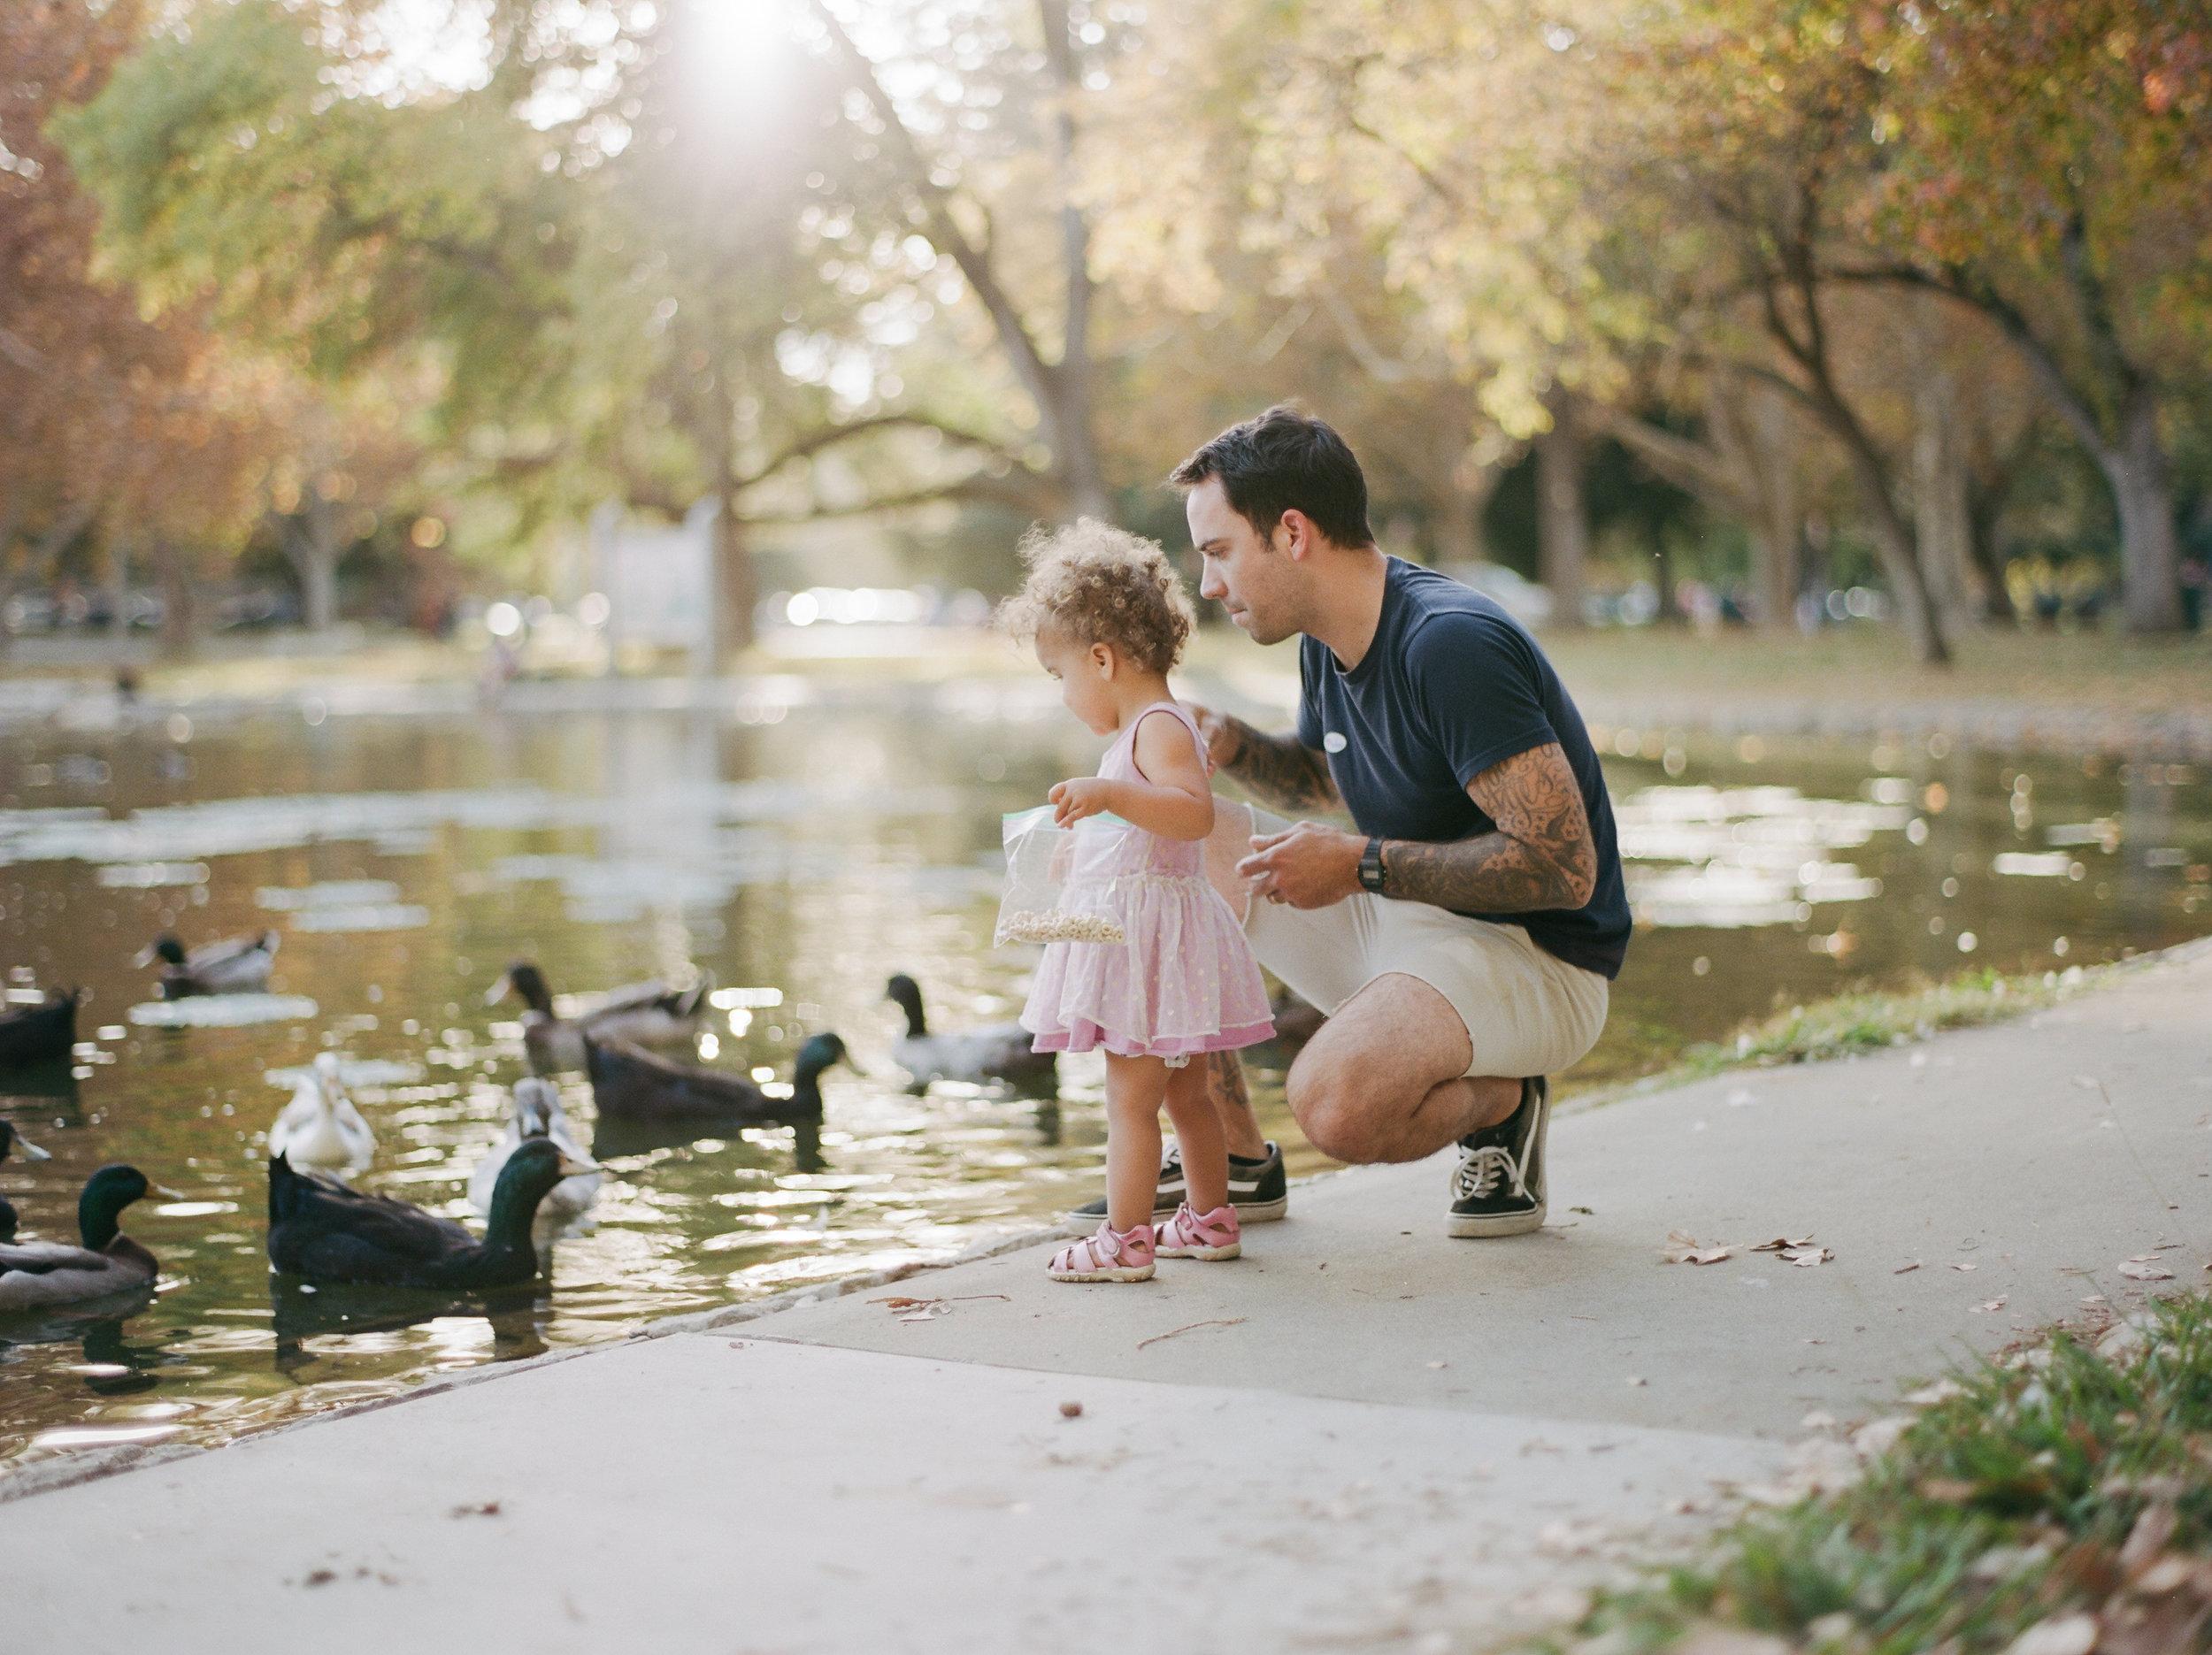 duckfeeding-1.jpg